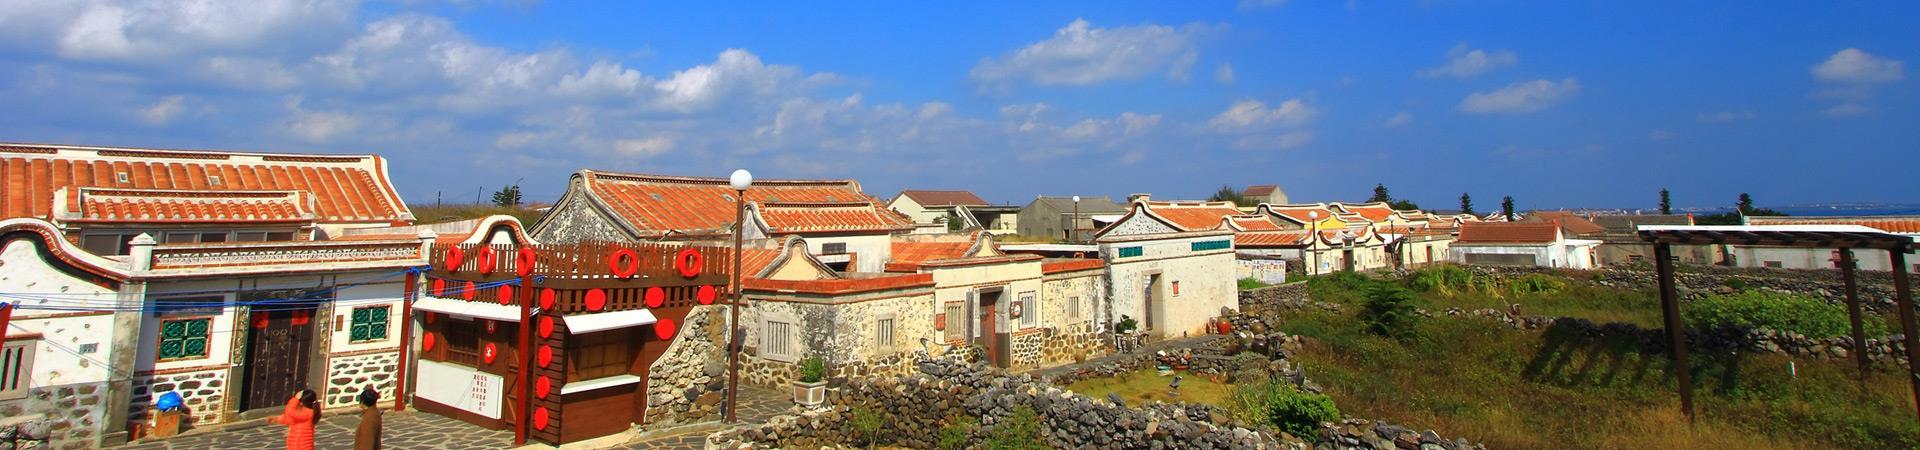 澎湖西嶼鄉二崁村